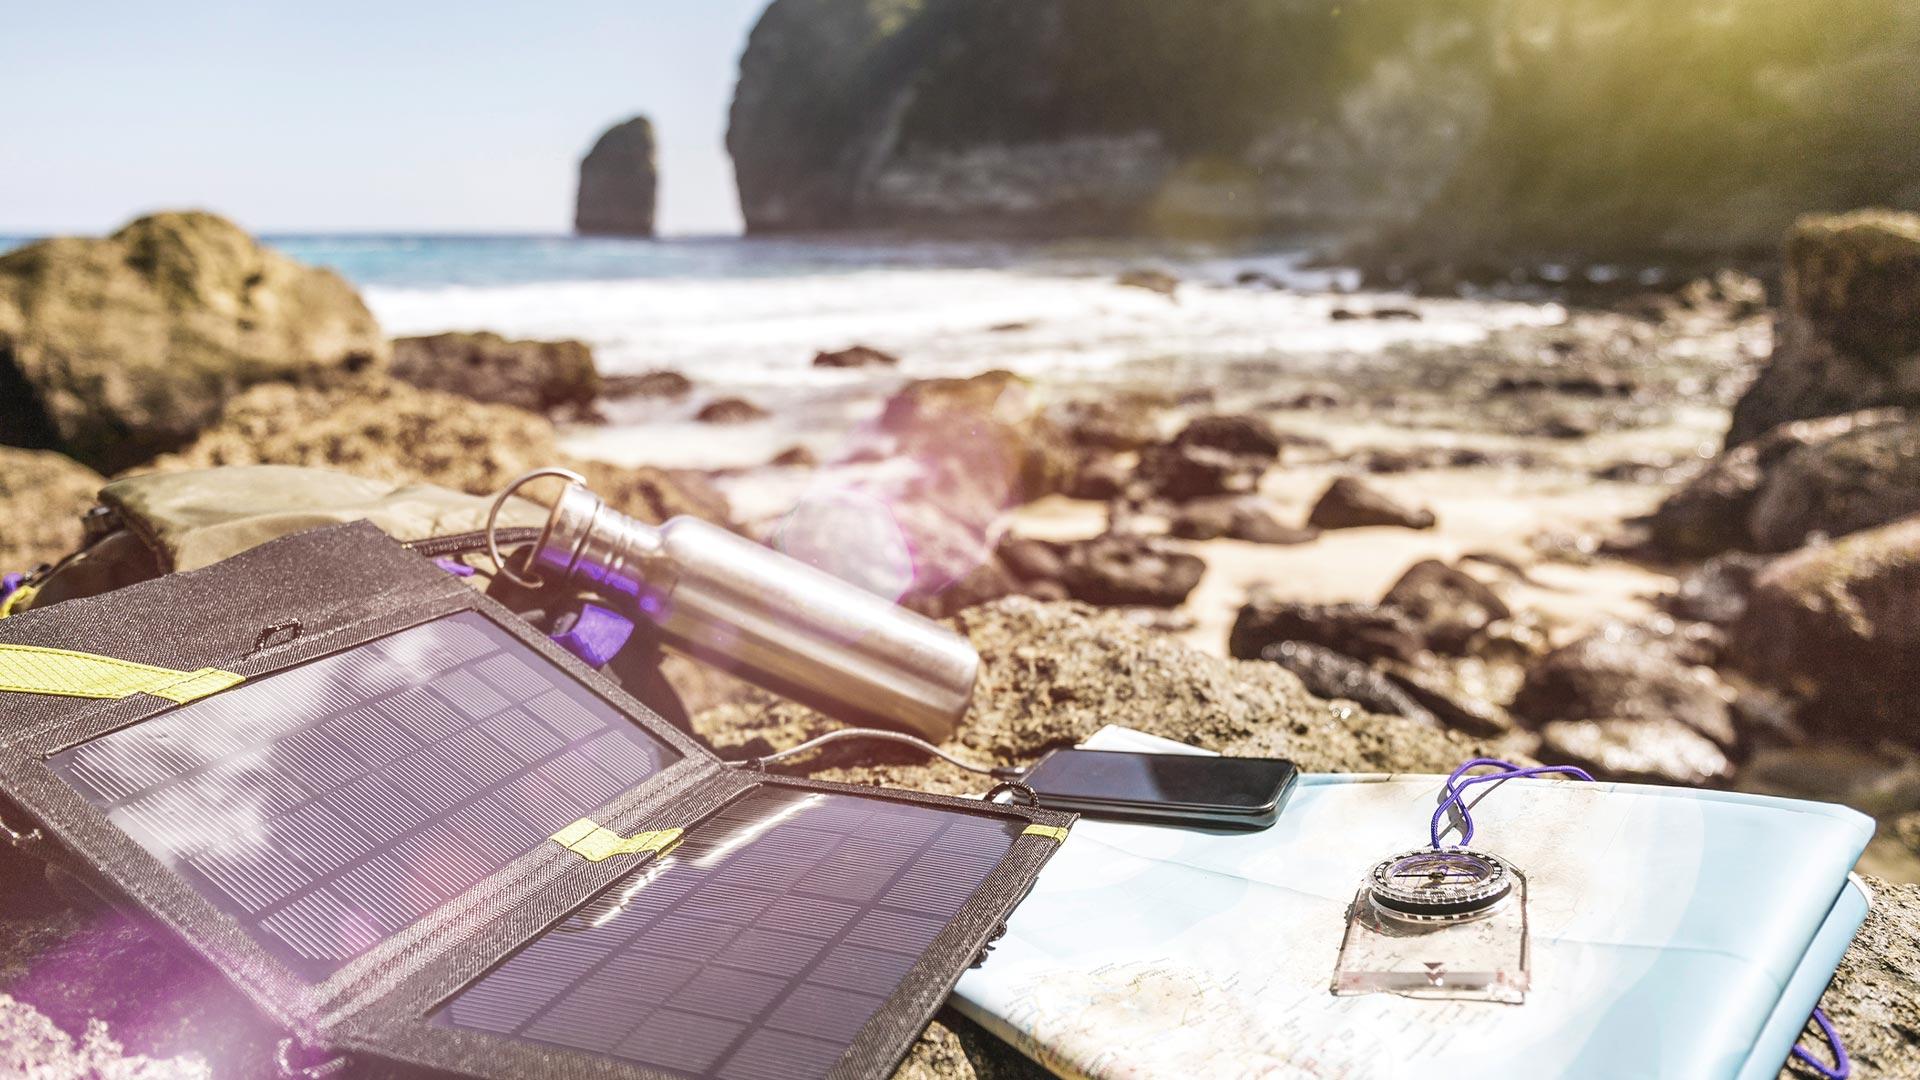 Ist eine Solar Powerbank sinnvoll?